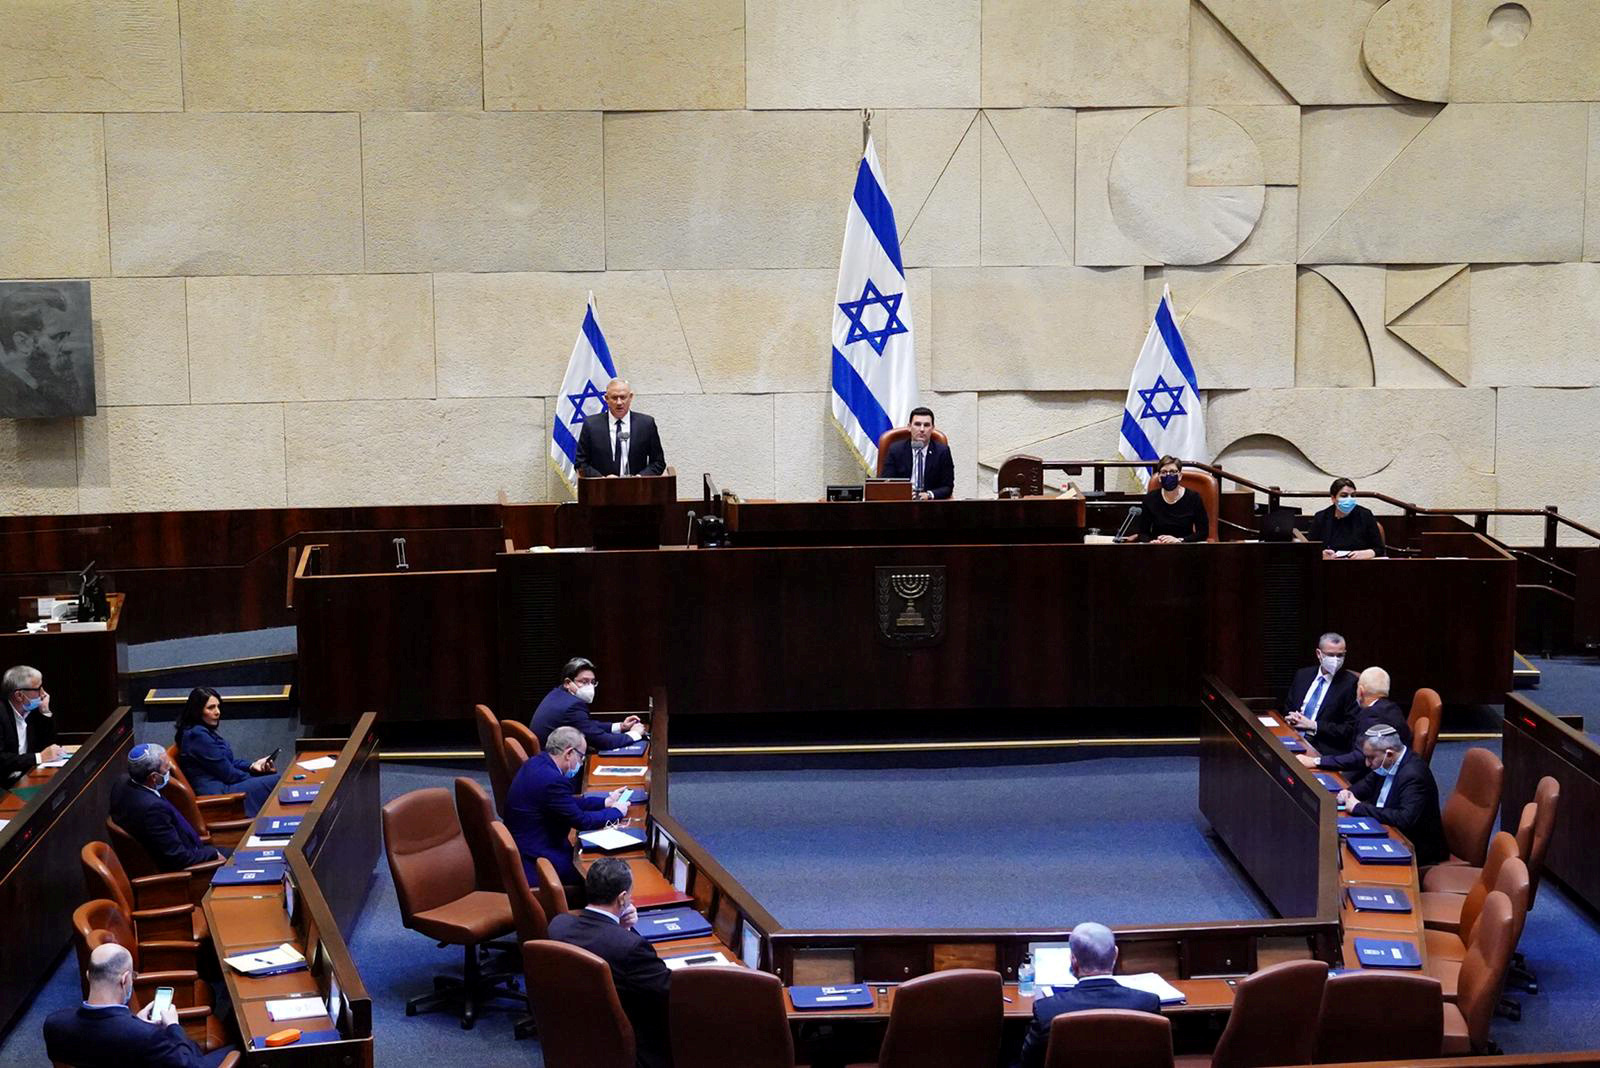 الكنيست الإسرائيلي يناقش إجراءات لتقييد الاحتجاجات